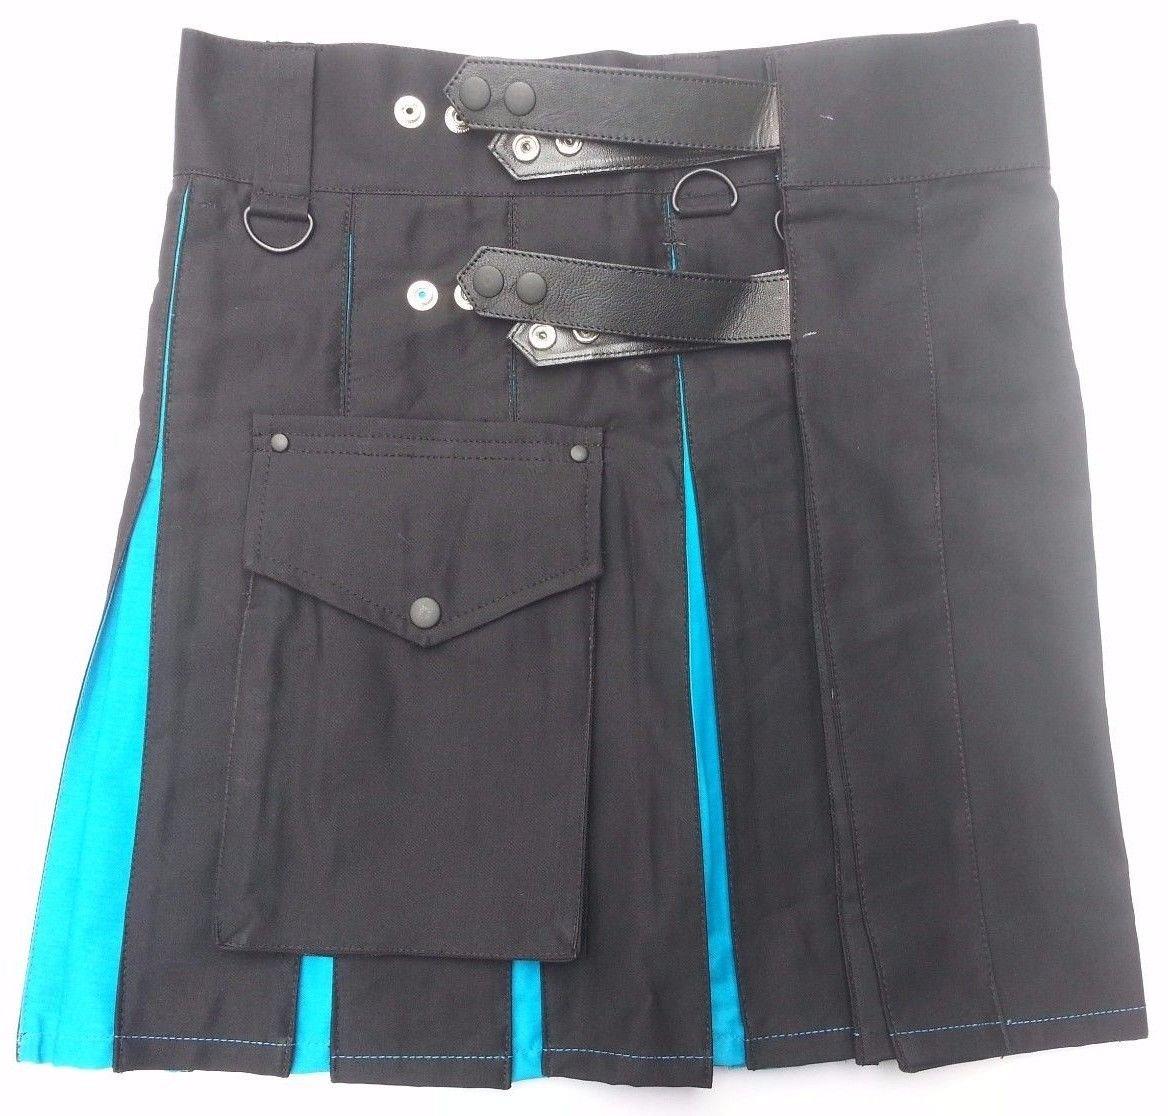 """46"""" Ladies TDK Black & Blue Cotton Hybrid Kilt, Leather Straps Tactical Duty Kilt Black/Blue Cotton"""